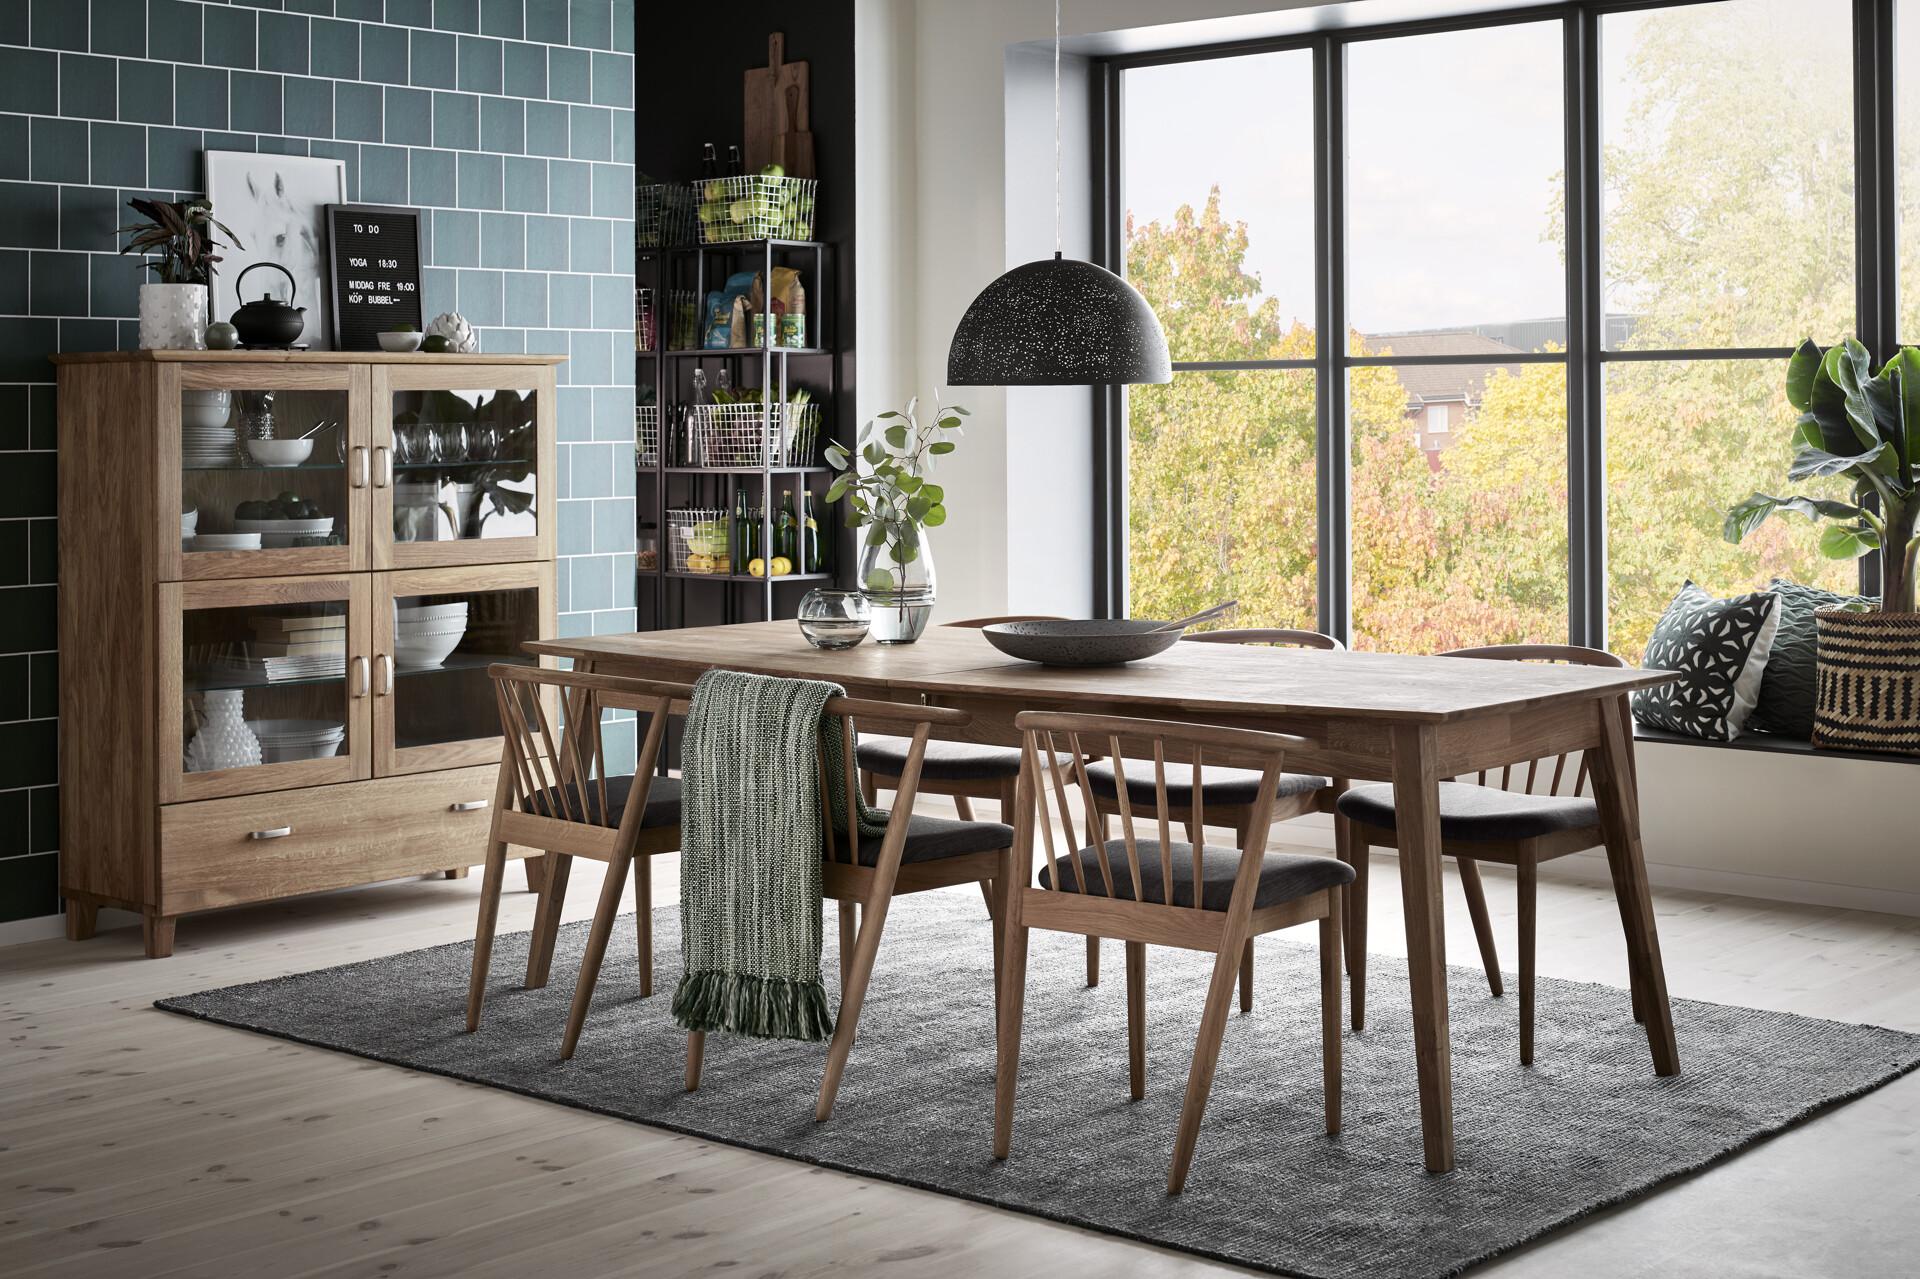 mio möbler köksbord och stolar